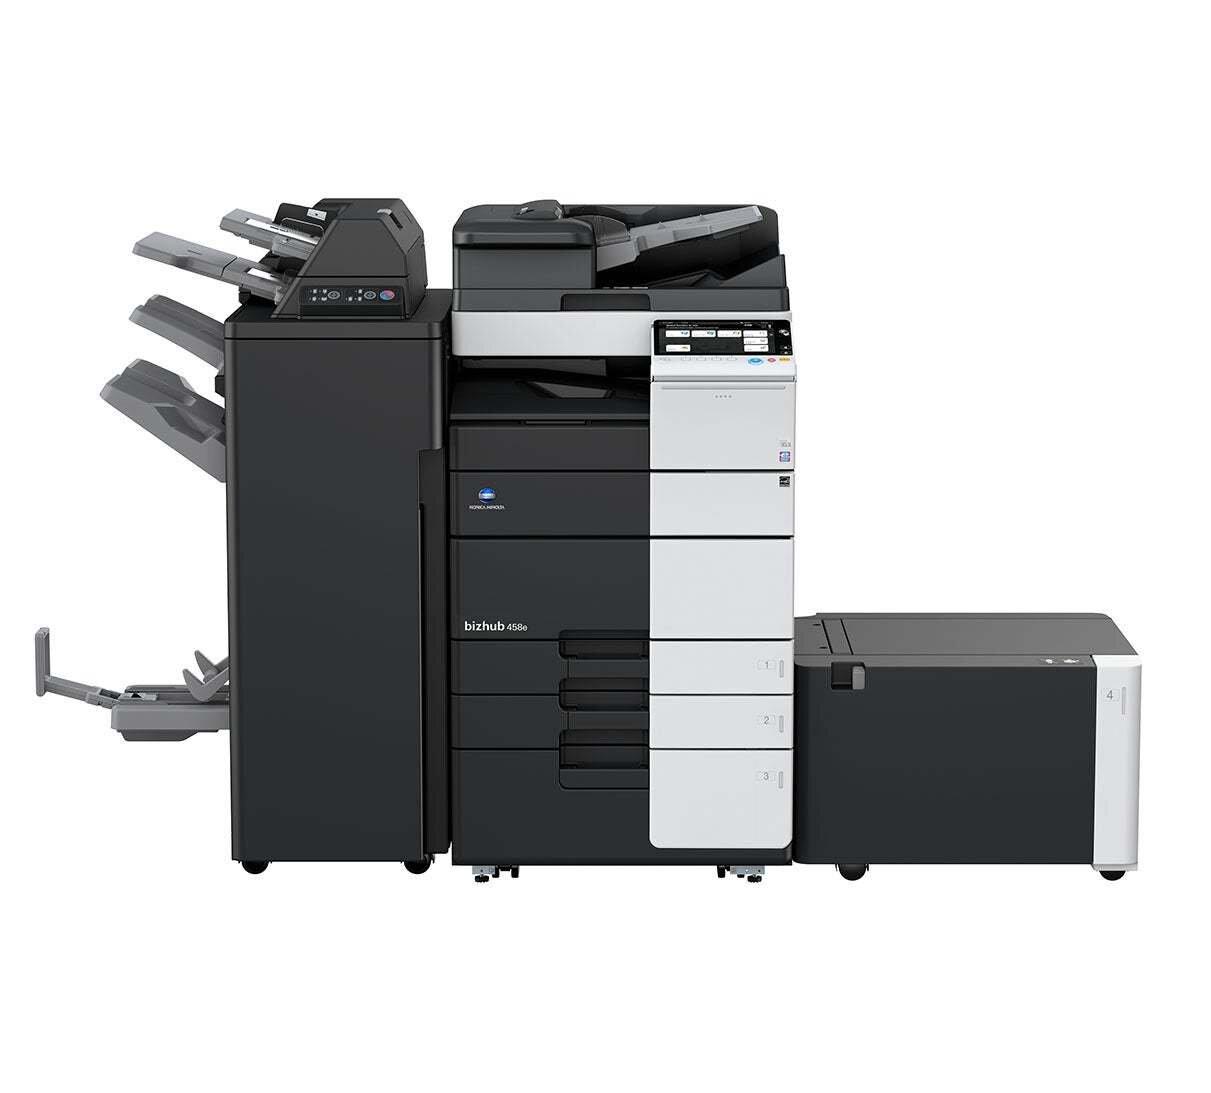 Konica Minolta bizhub 458e office printer